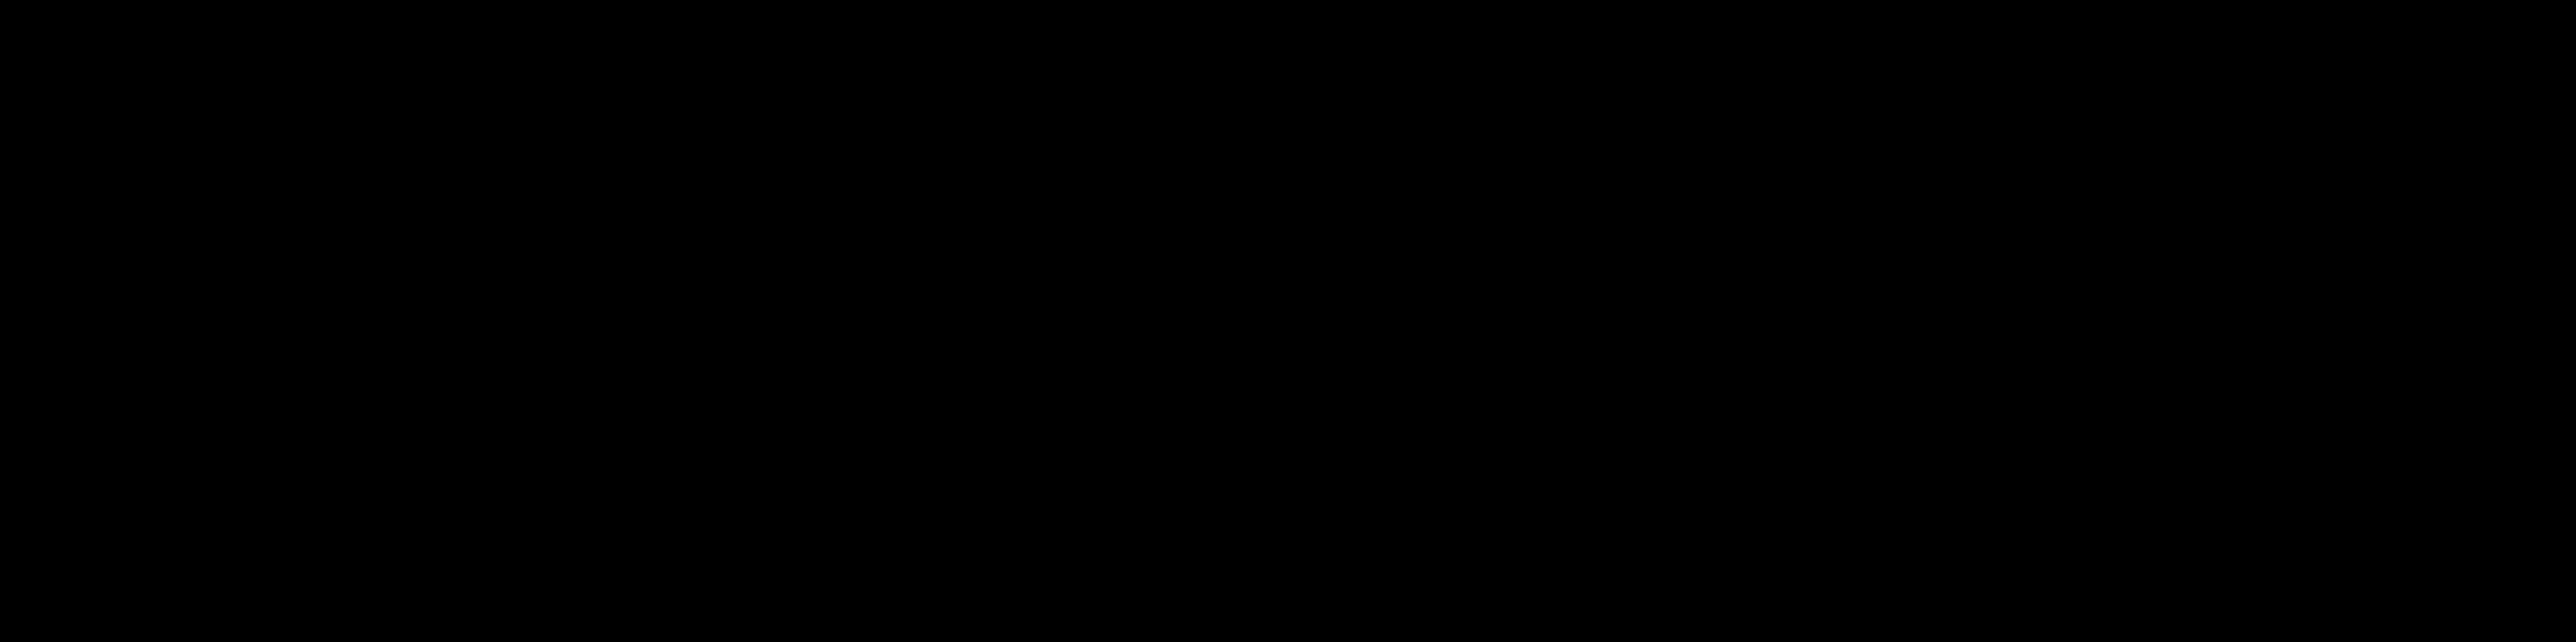 Logo Kriega distributeur exclusif Explorcom.